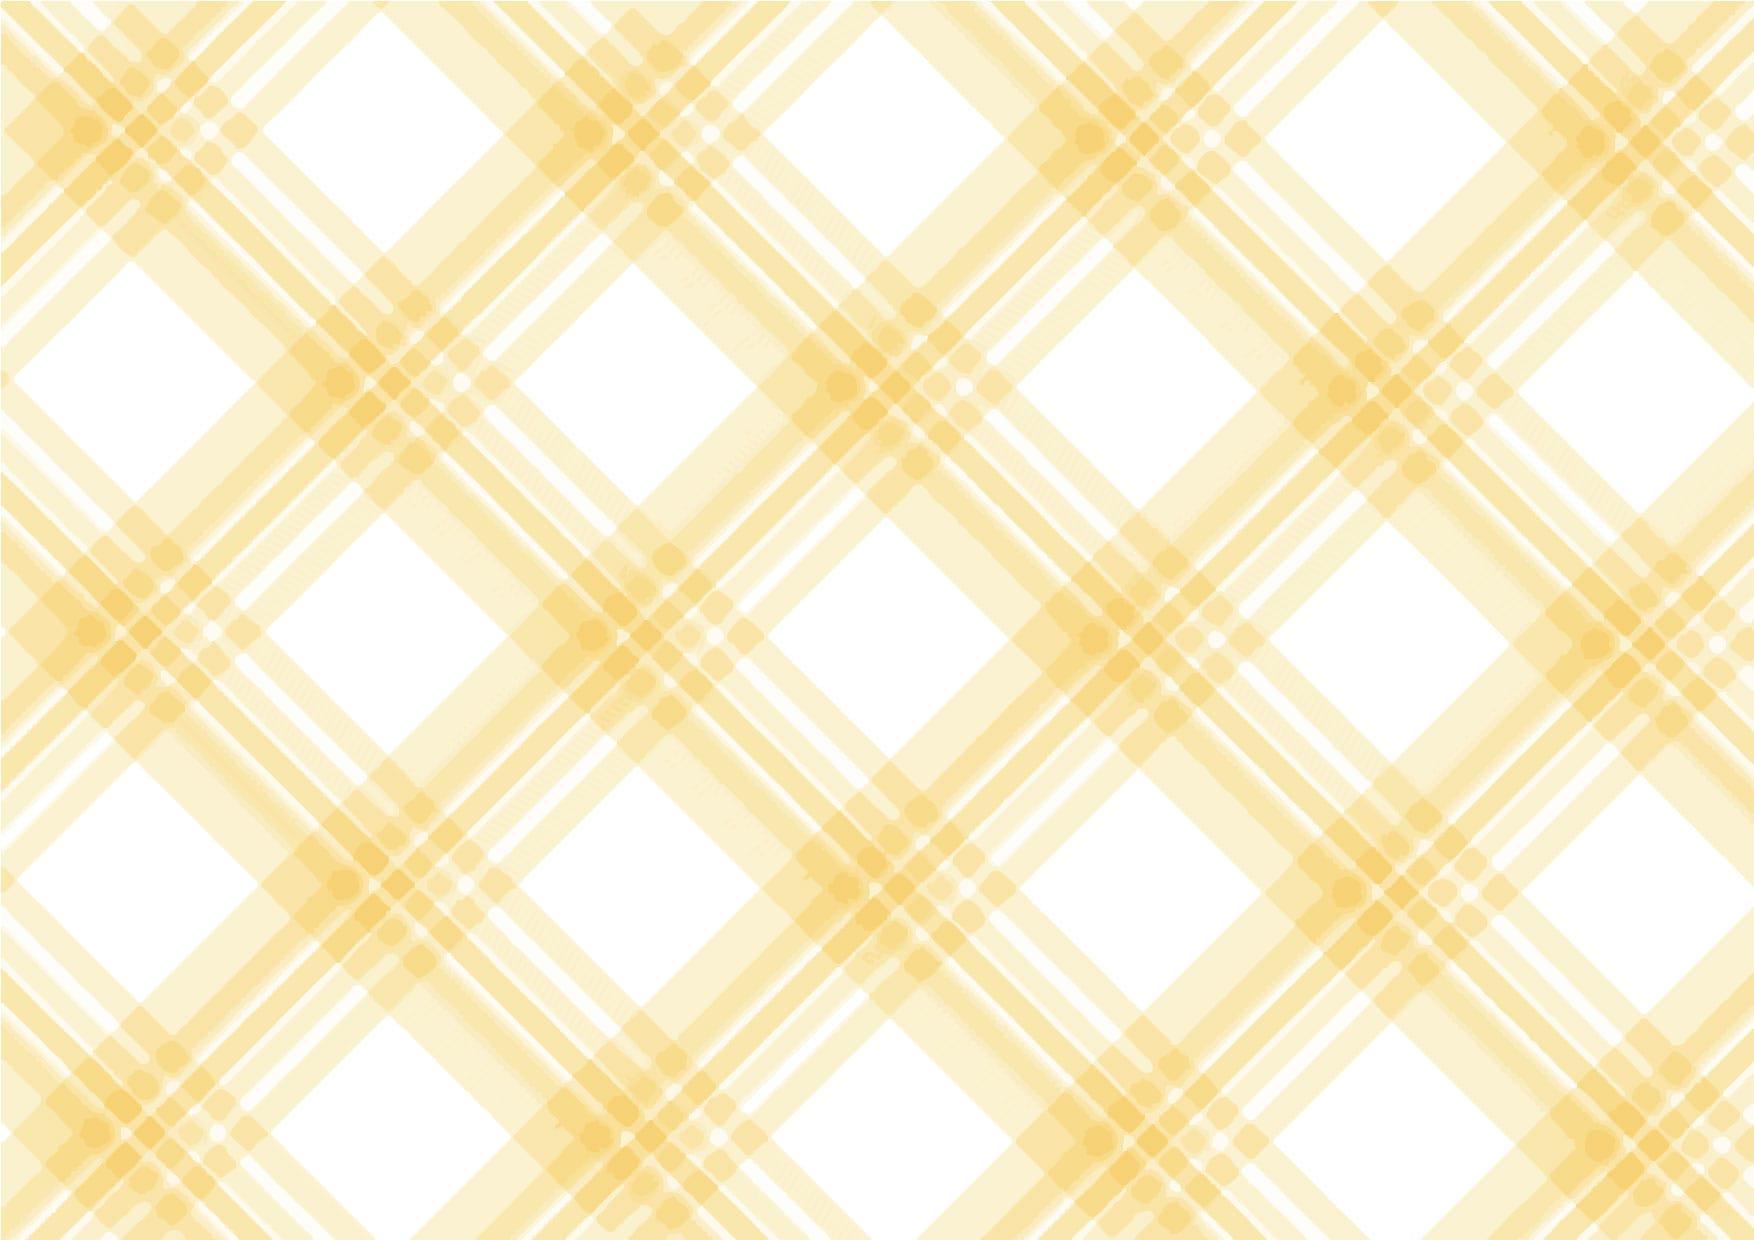 可愛いイラスト|手書き チェック柄 黄色 背景2 − free illustration Handwritten check pattern yellow background